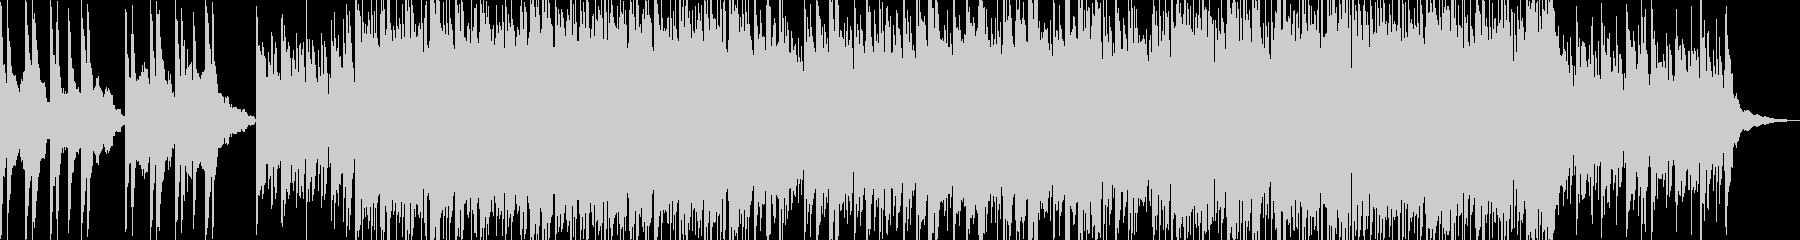 幻想的なピアノポップの未再生の波形